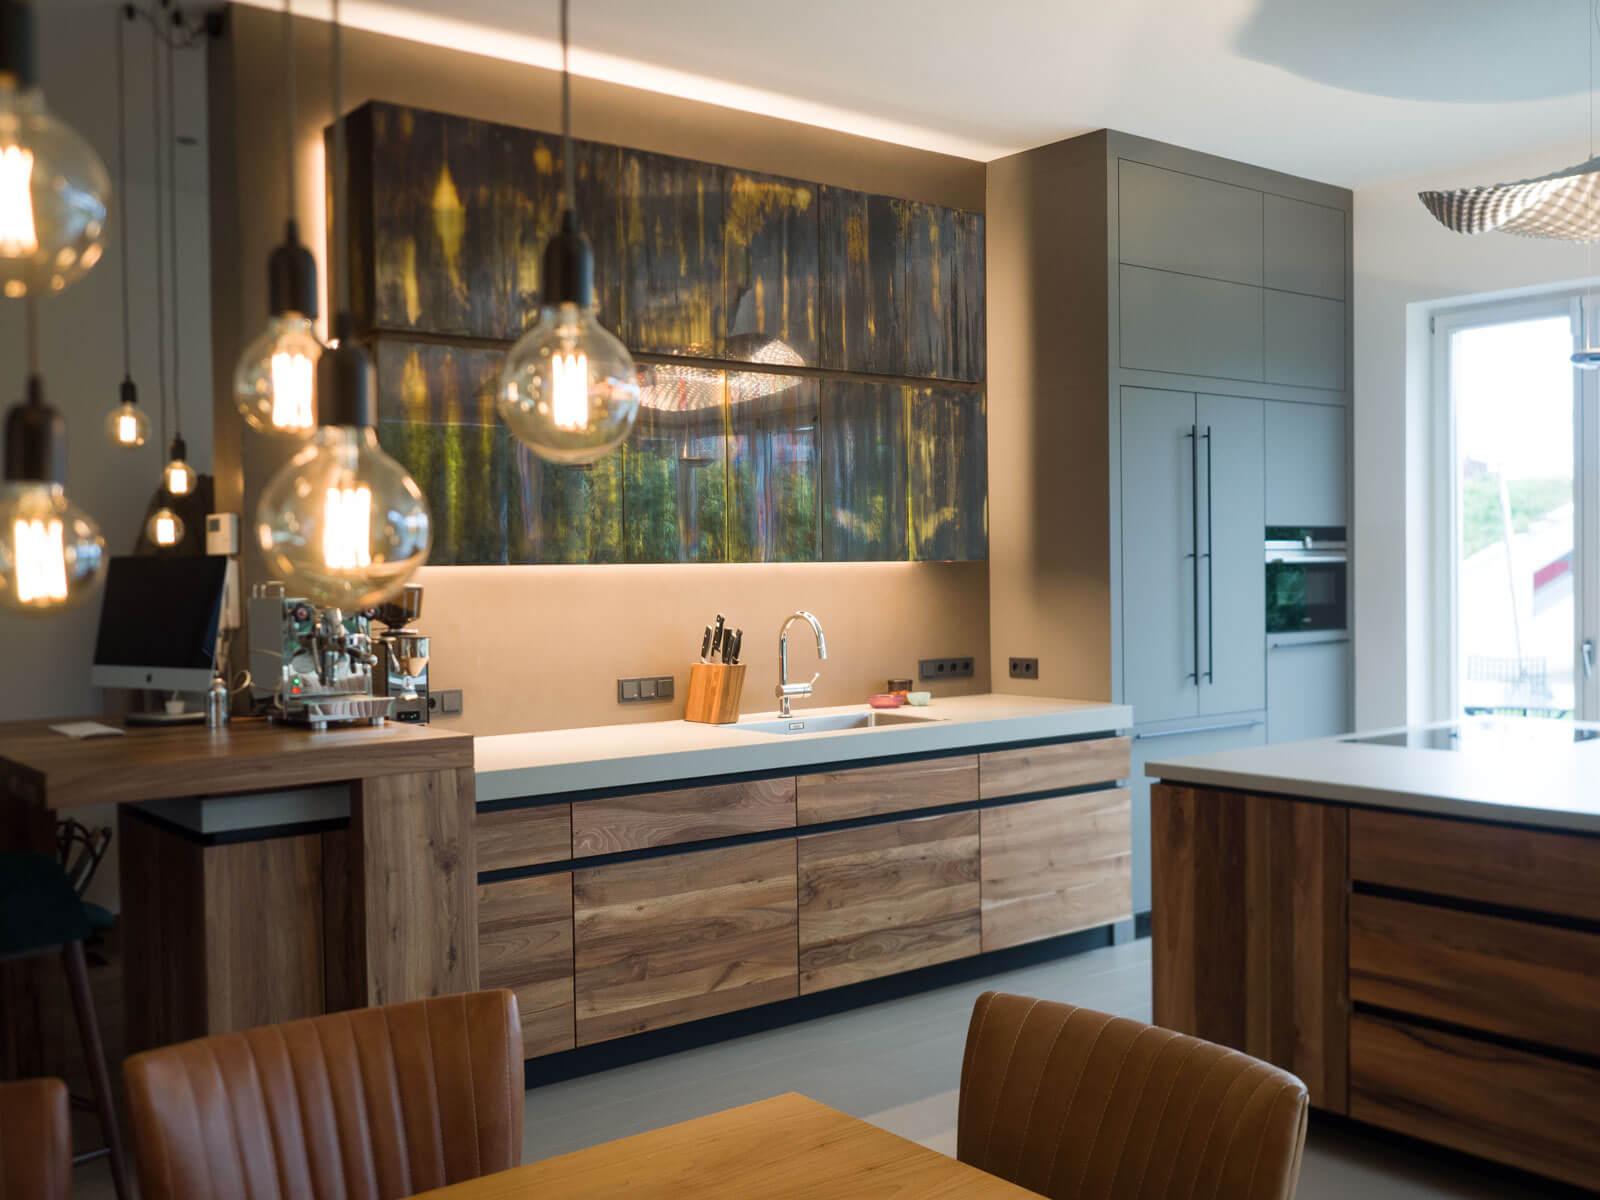 tischlerei ecker moderne k che nach ma wien. Black Bedroom Furniture Sets. Home Design Ideas